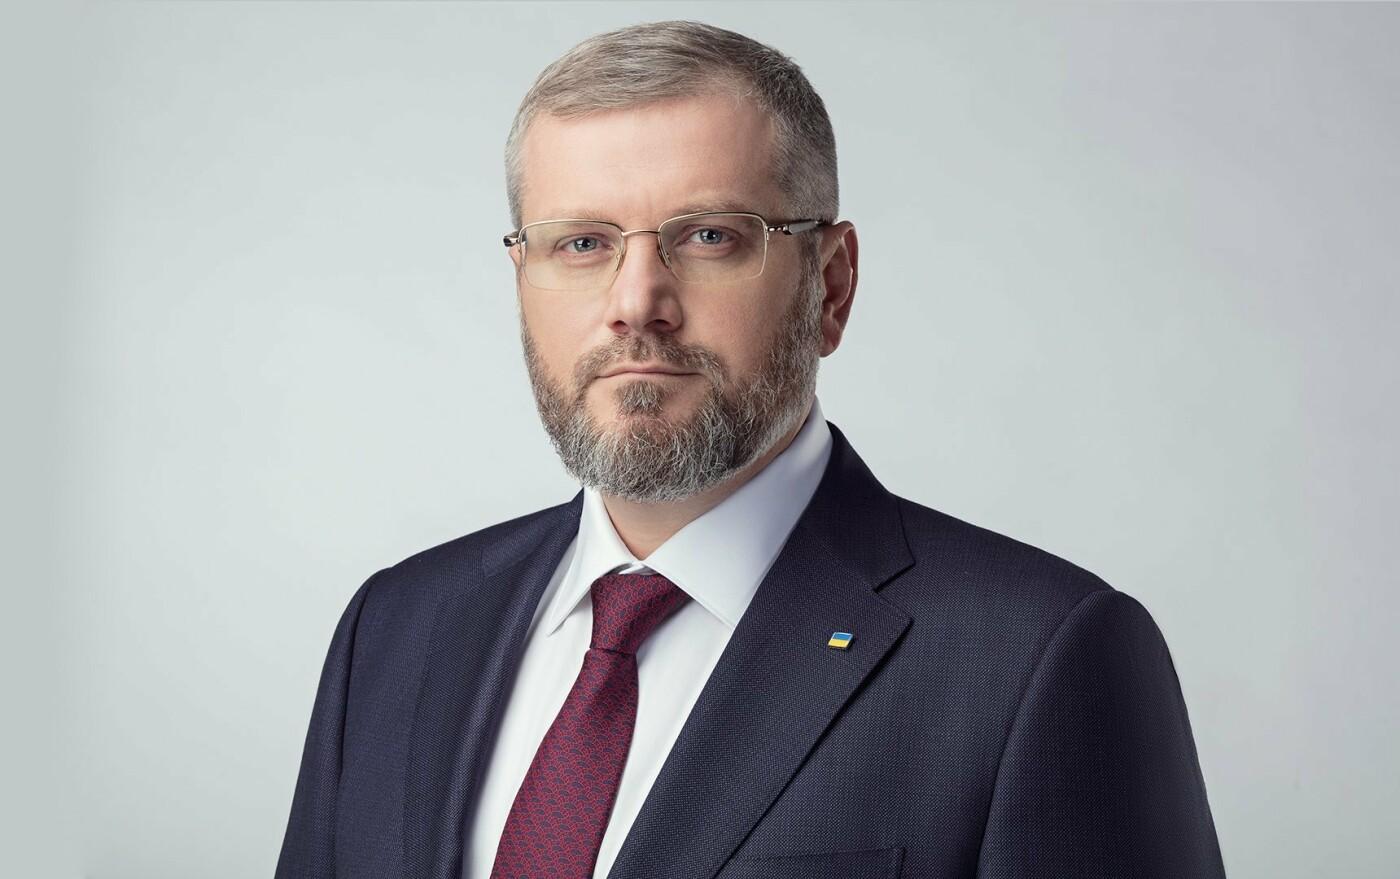 Вилкул: Власть готовит очередное антинародное «шоу» - дележ в Раде 1 триллиона гривен госбюджета-2019, фото-1